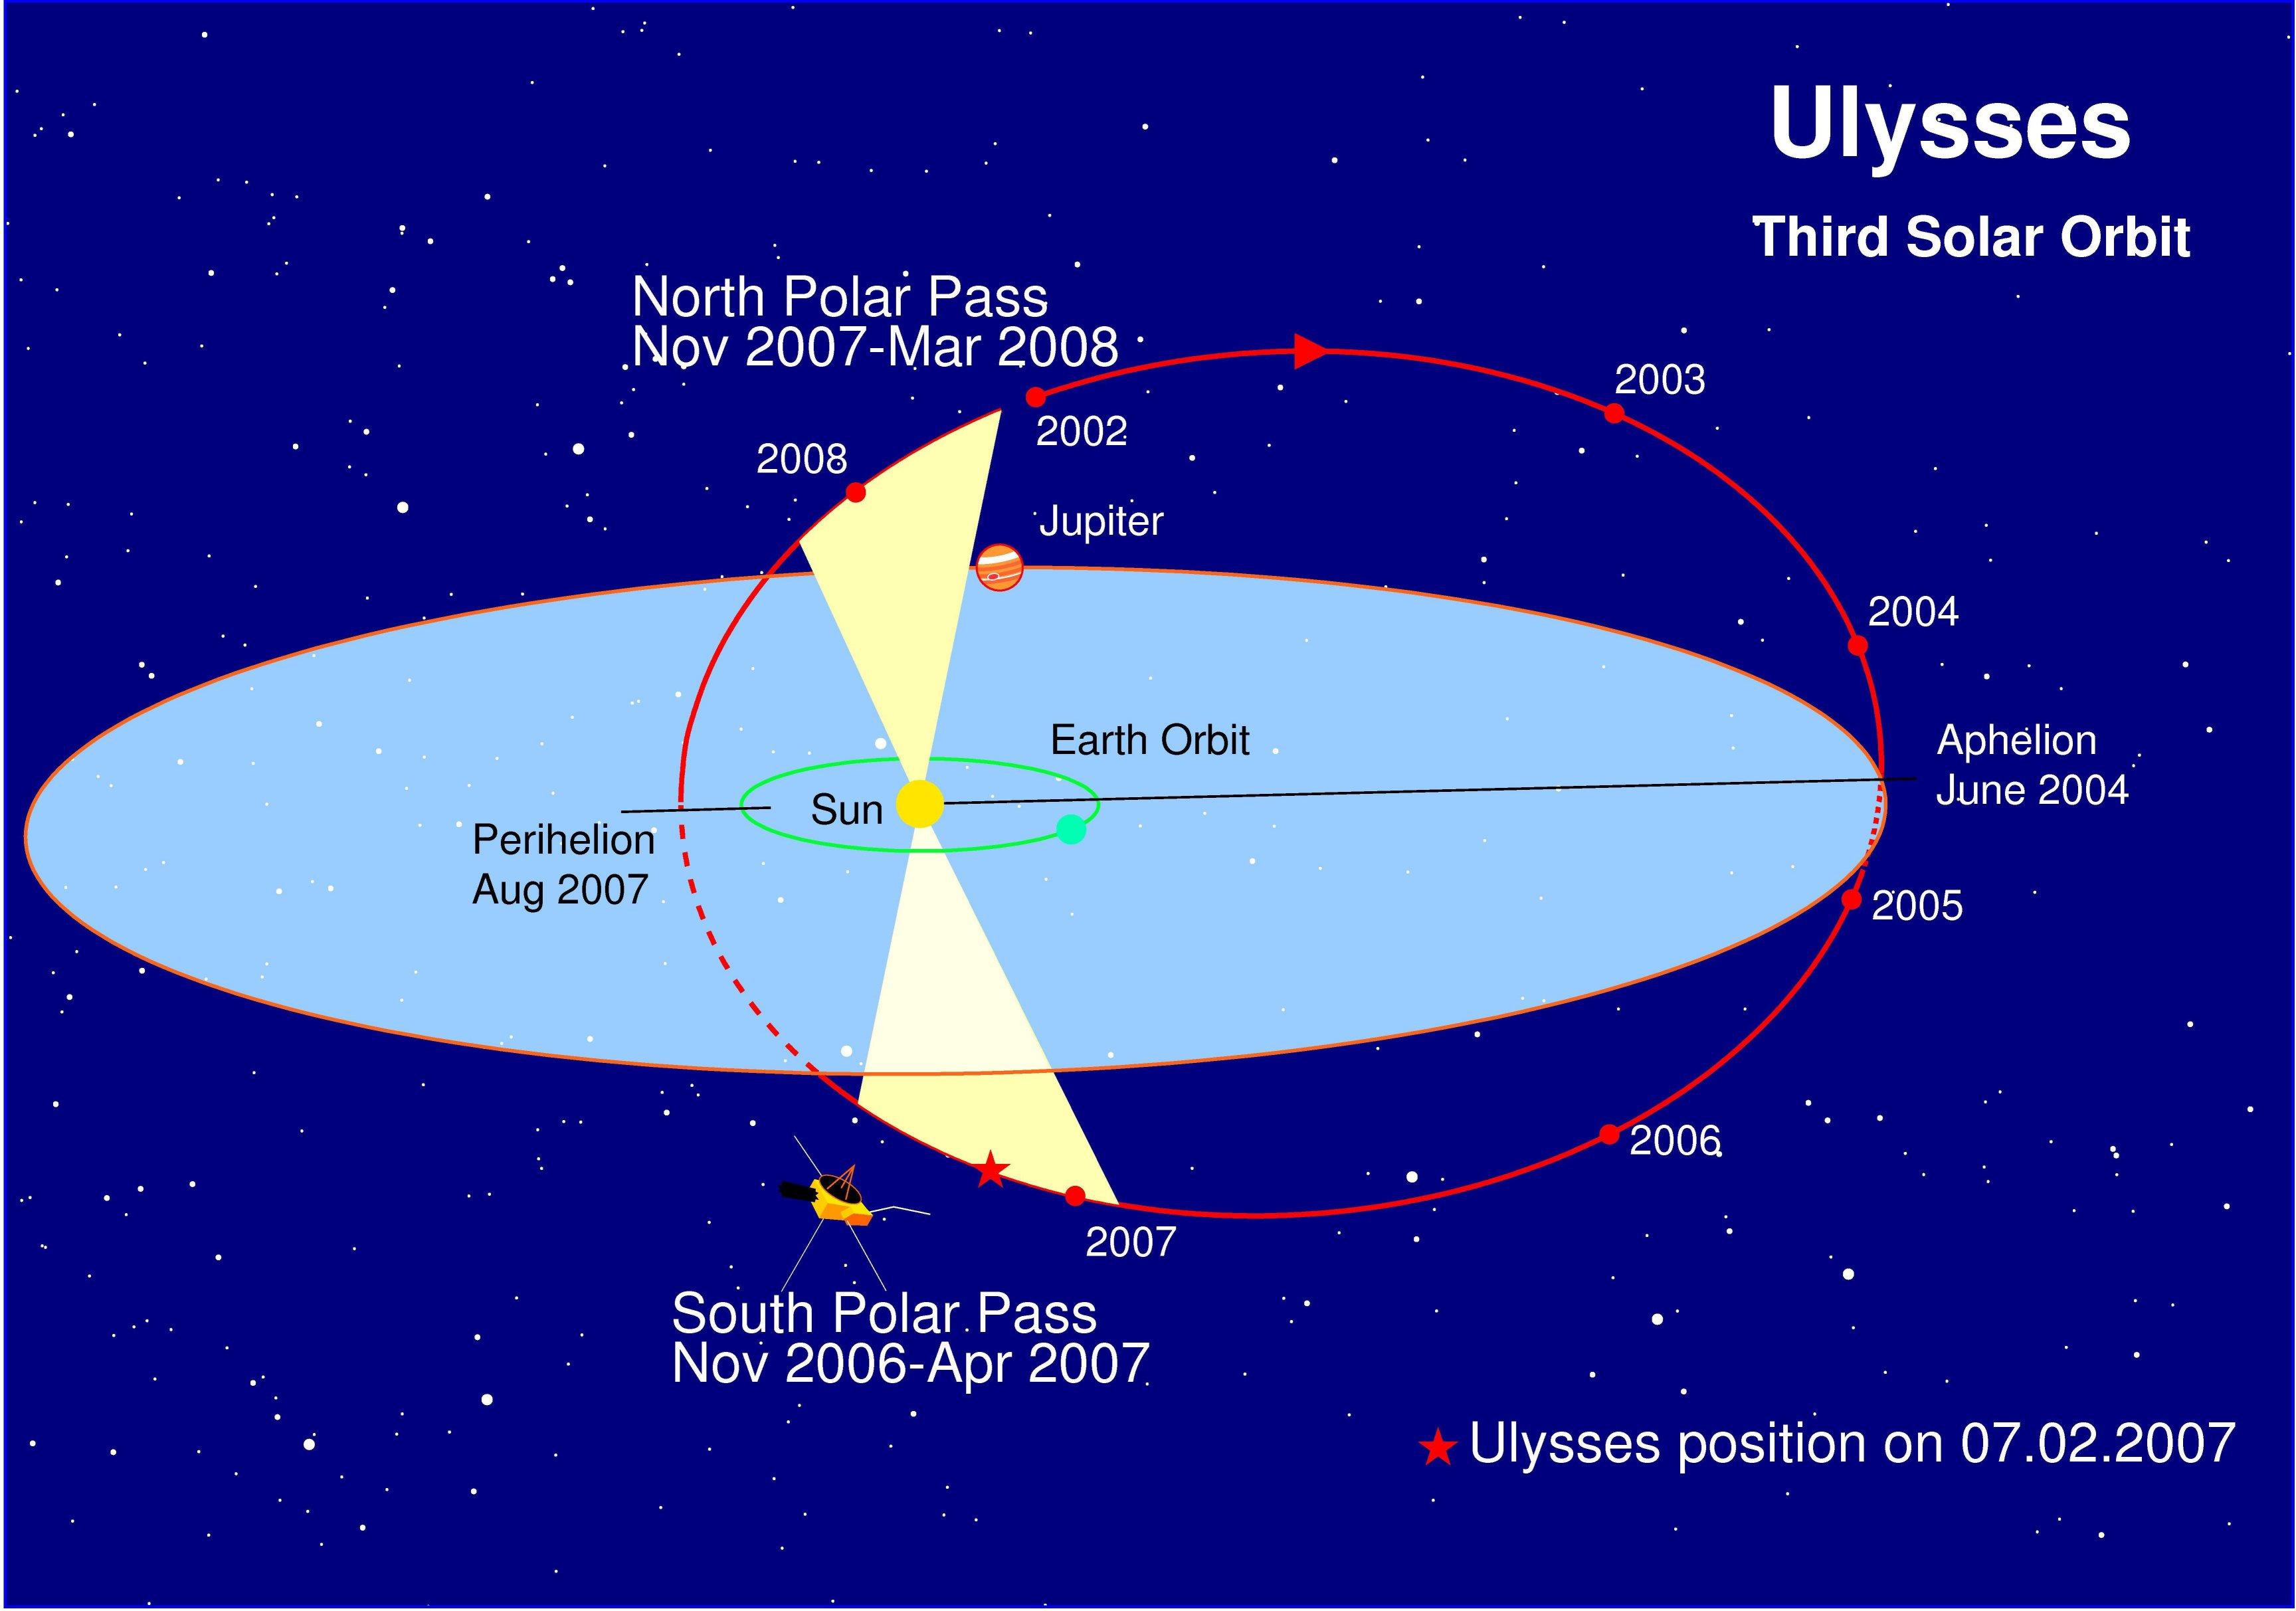 1567217632202-Ulysses_3rd-orbit.jpg